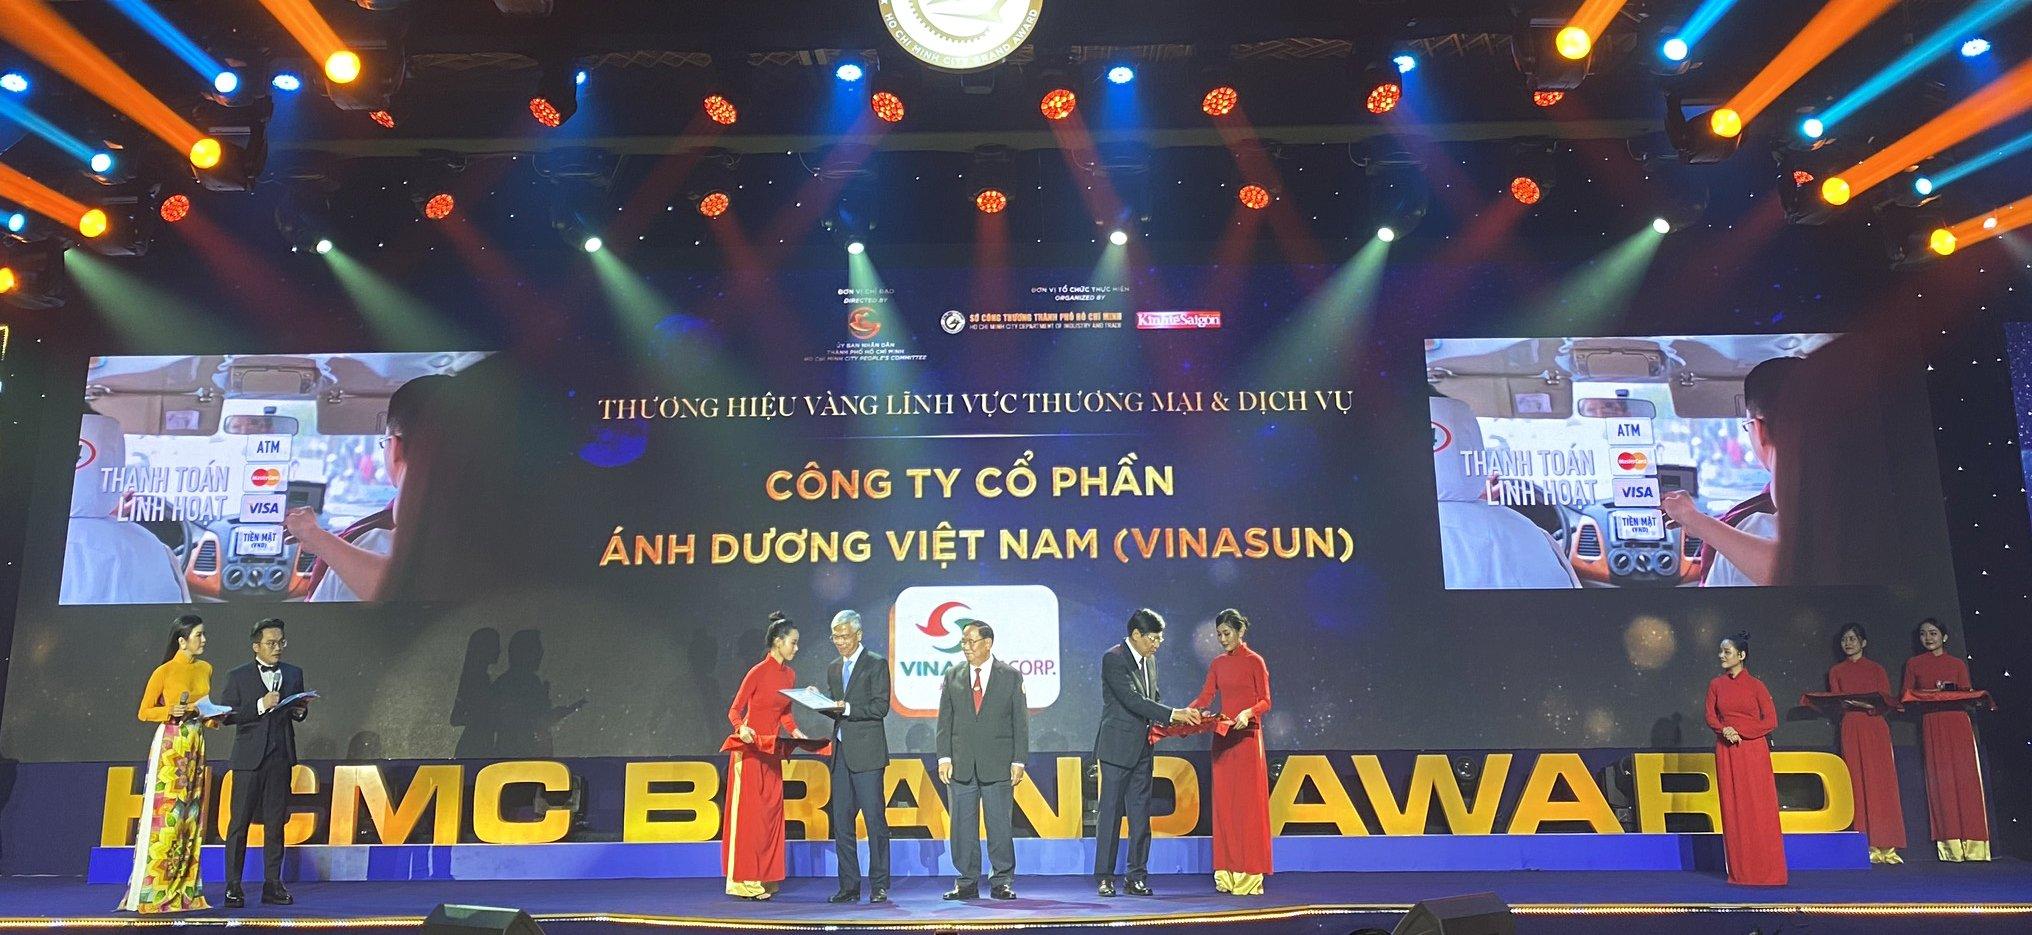 Vinasun Corp nhận giải thưởng Thương hiệu Vàng TPHCM 2020